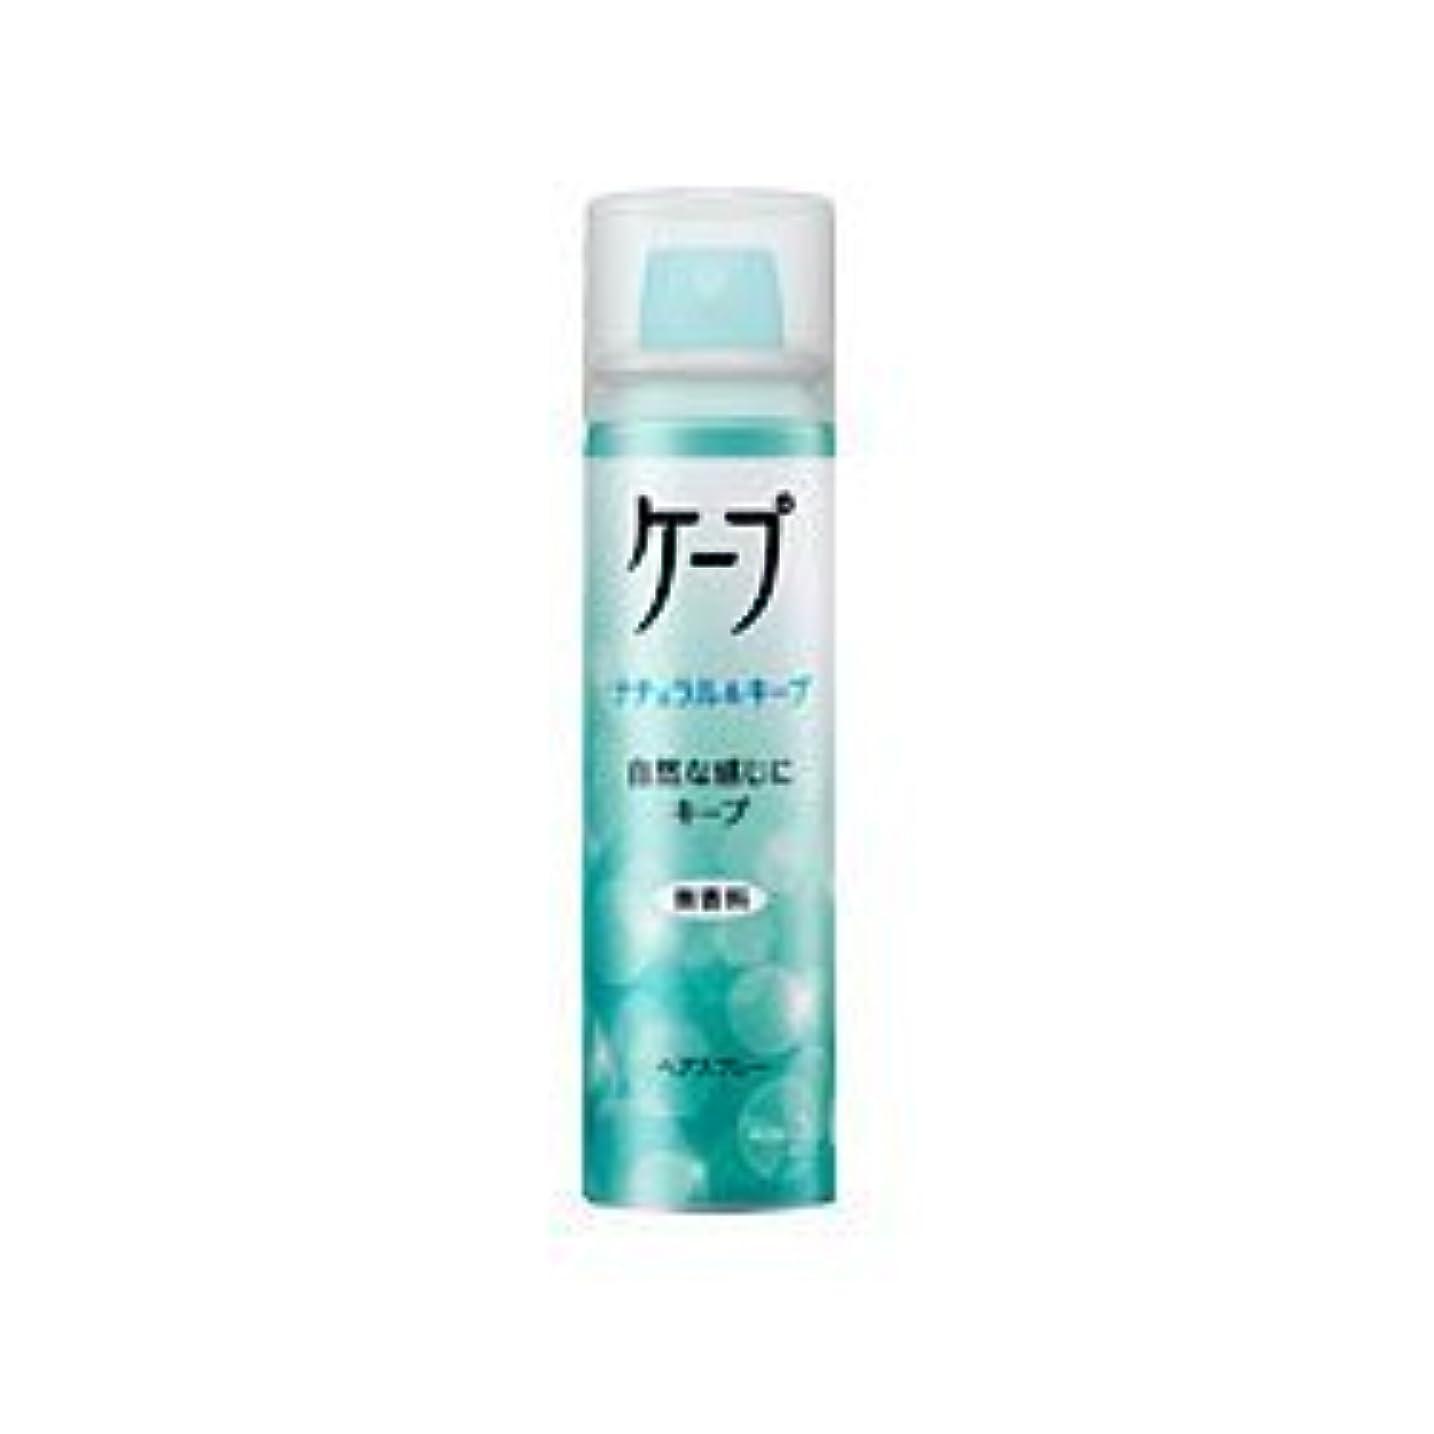 乏しい腹痛テスピアン【花王】ケープ ナチュラル&キープ 無香料 50g ×5個セット